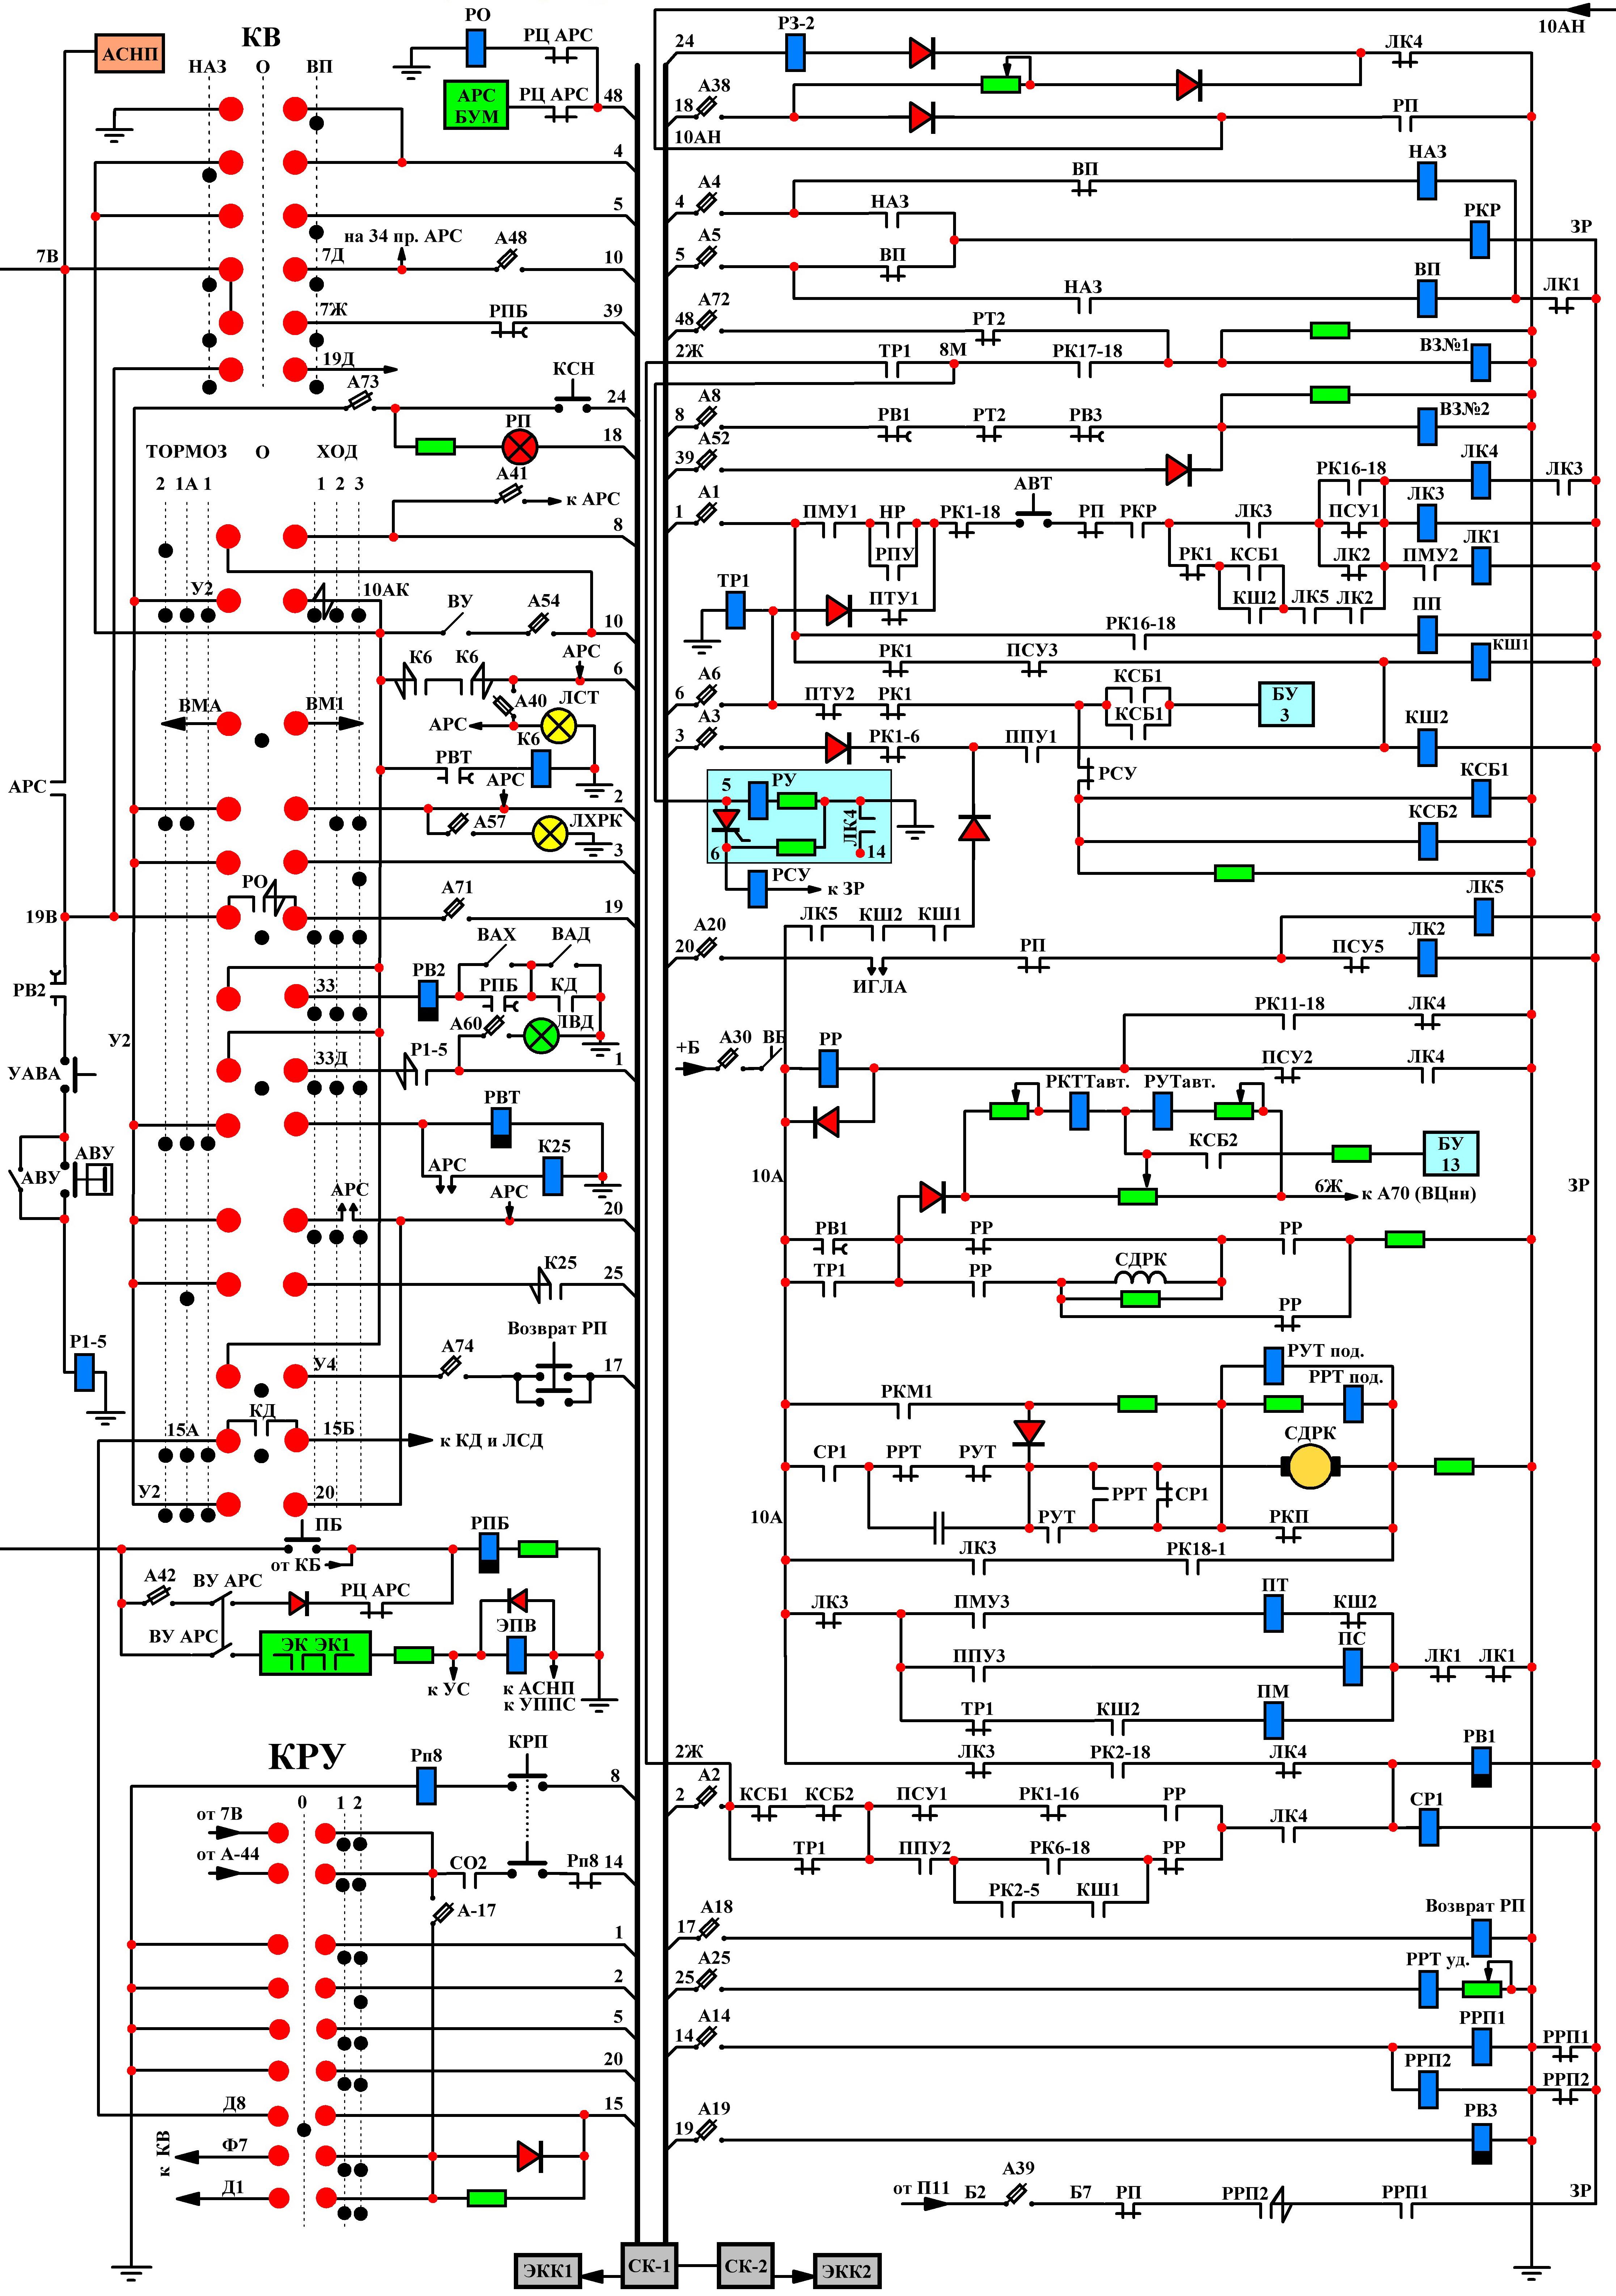 Электрическая схема пульта управления пассажирского вагона